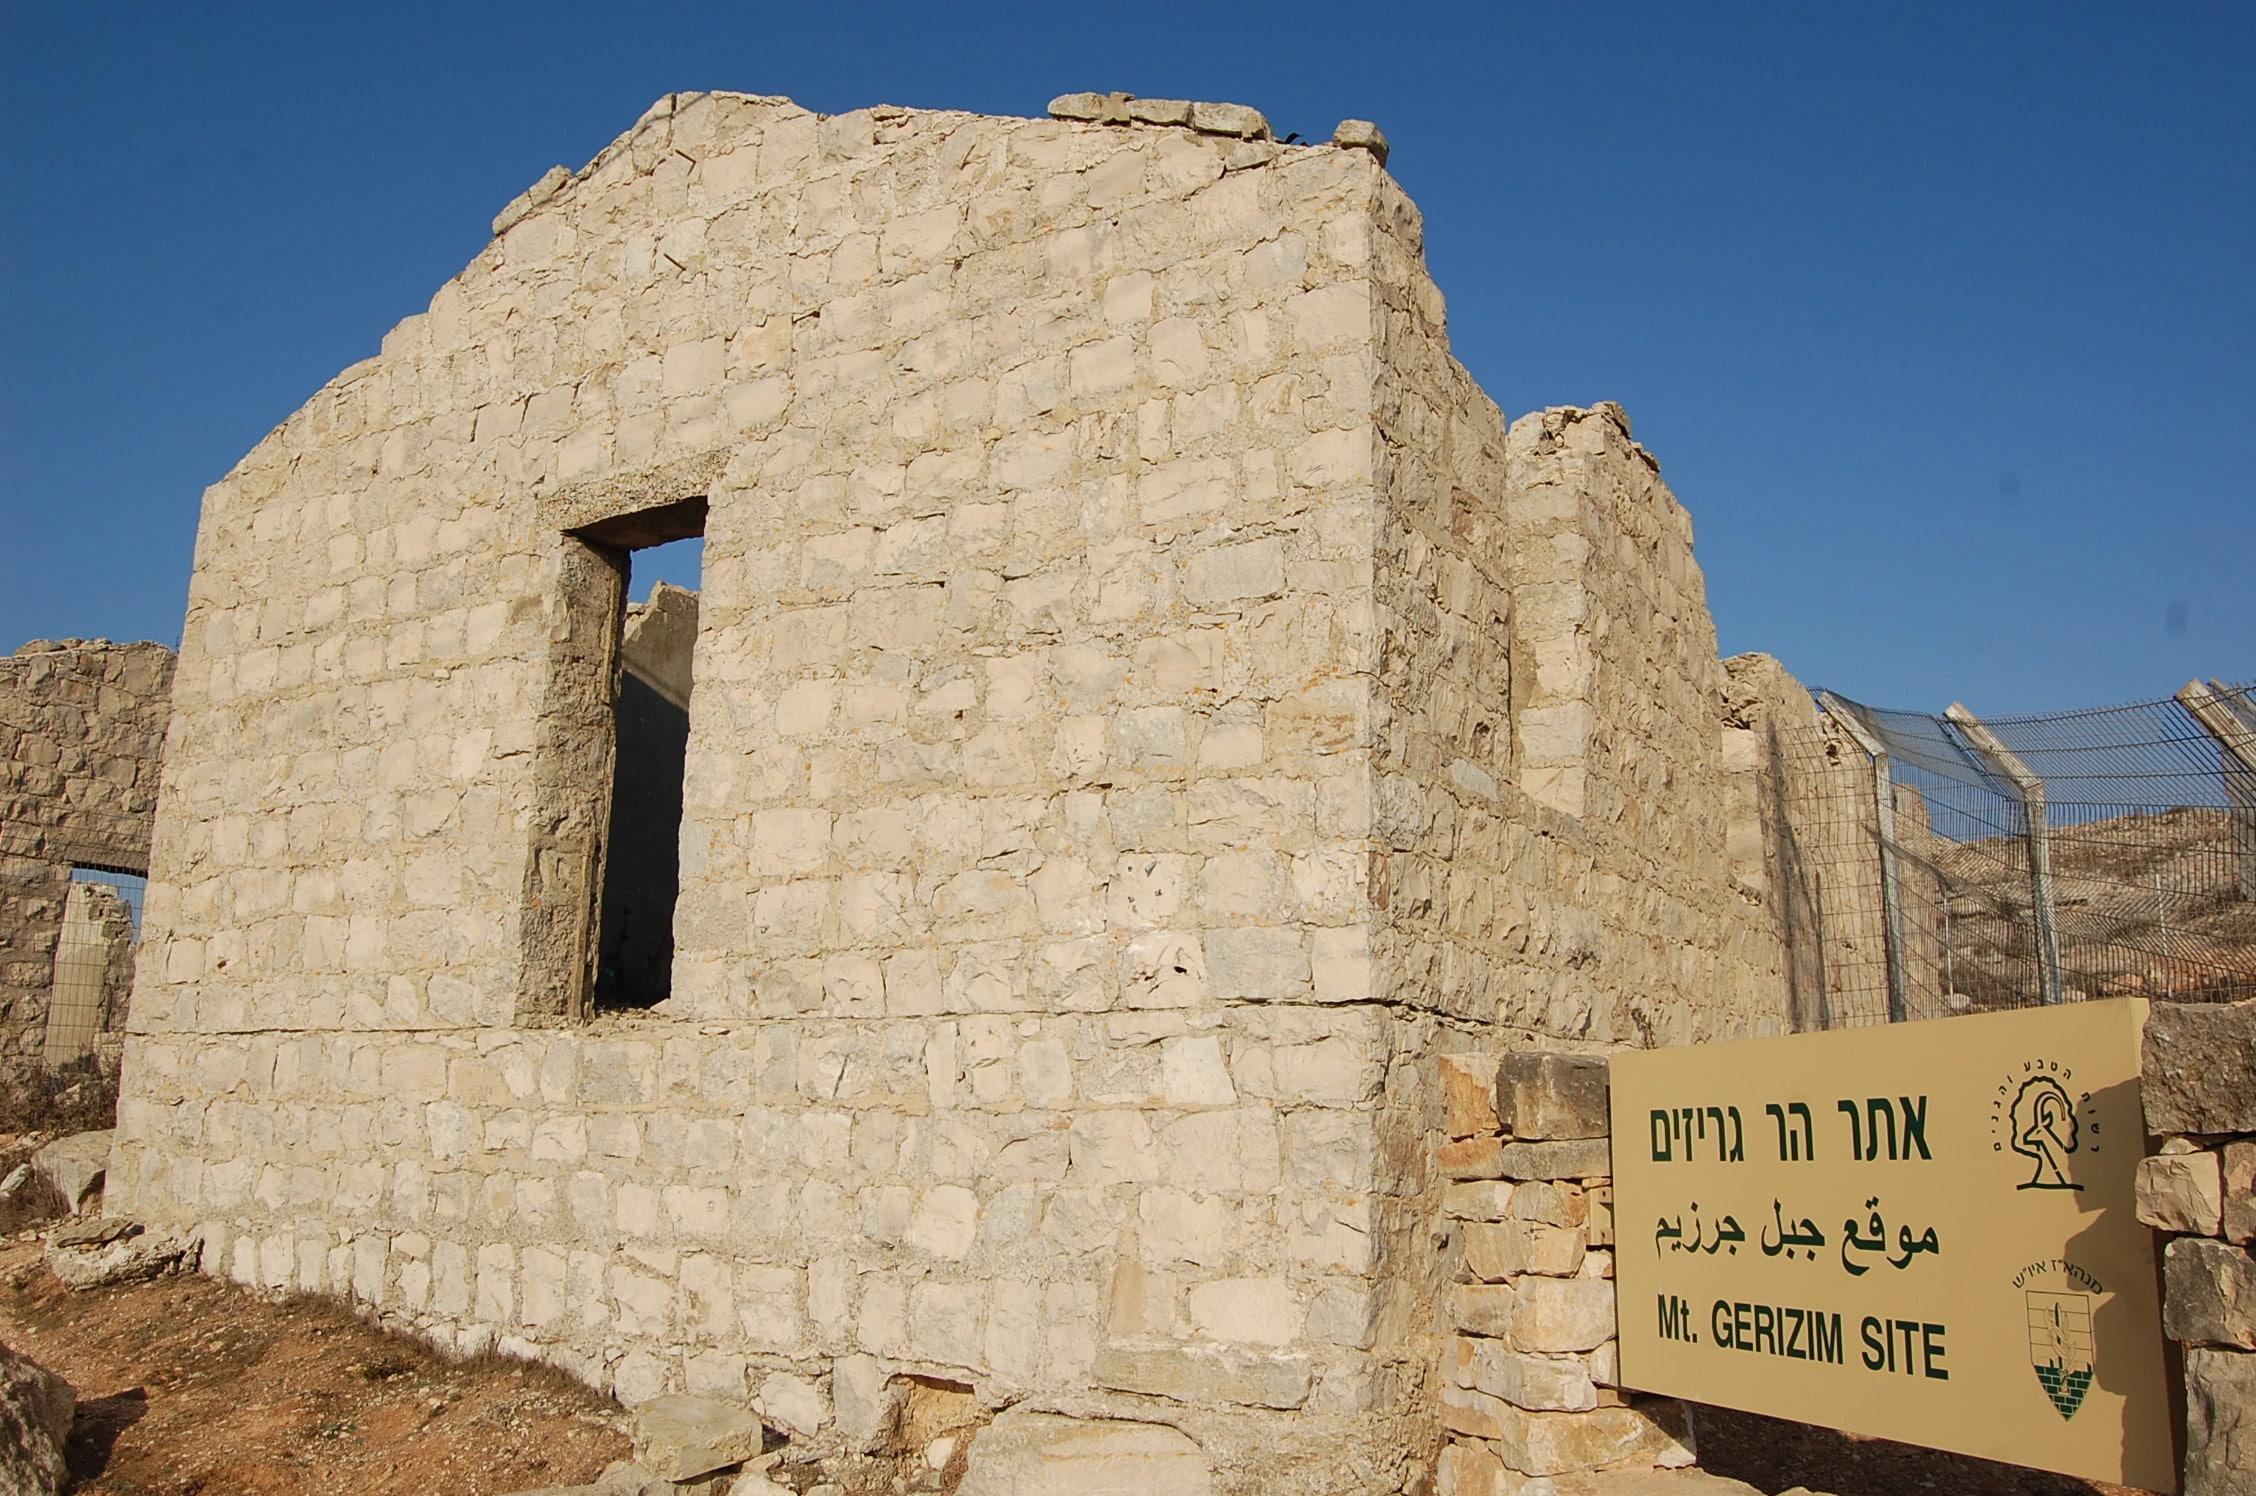 Sito storico archeologico voci globali for Sito storico